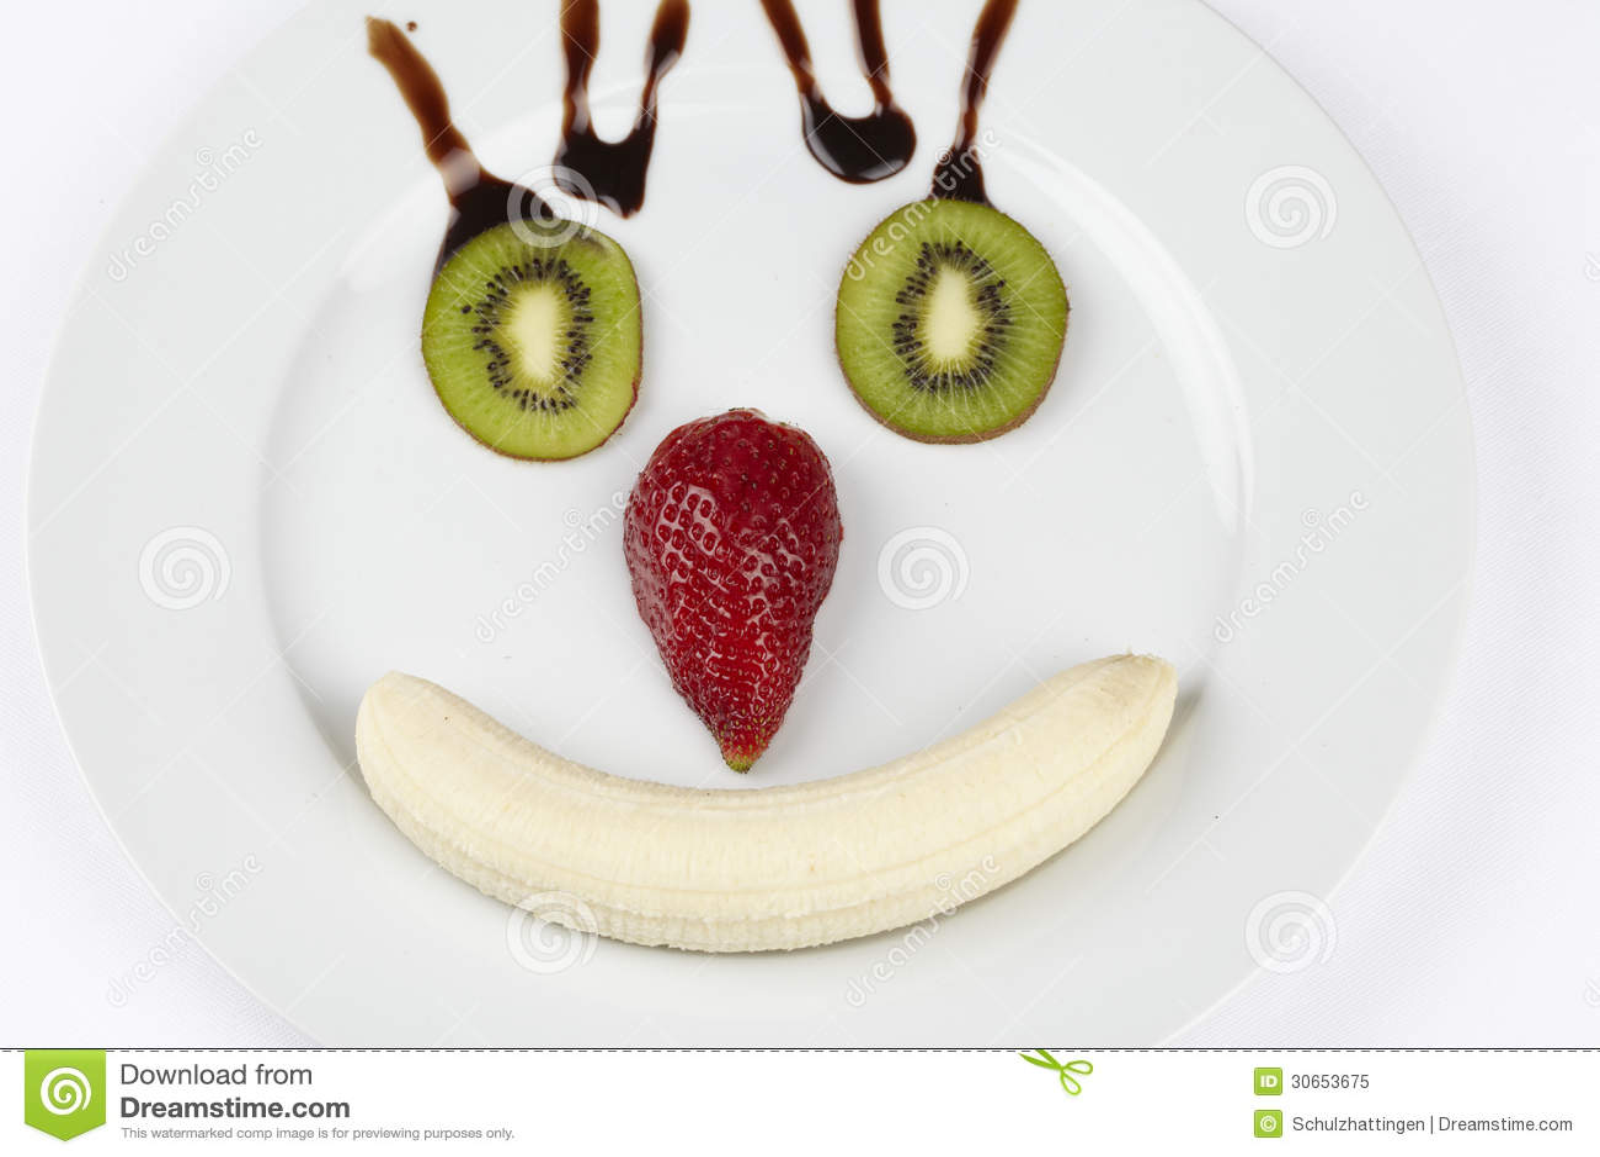 Banana Strawberry Cake Raw